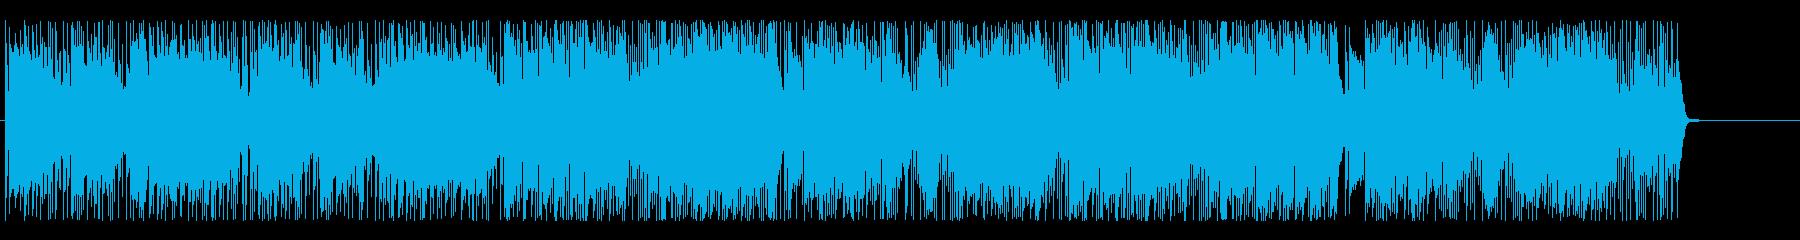 ドラマ 追跡 サスペンス 挑戦 闘志の再生済みの波形